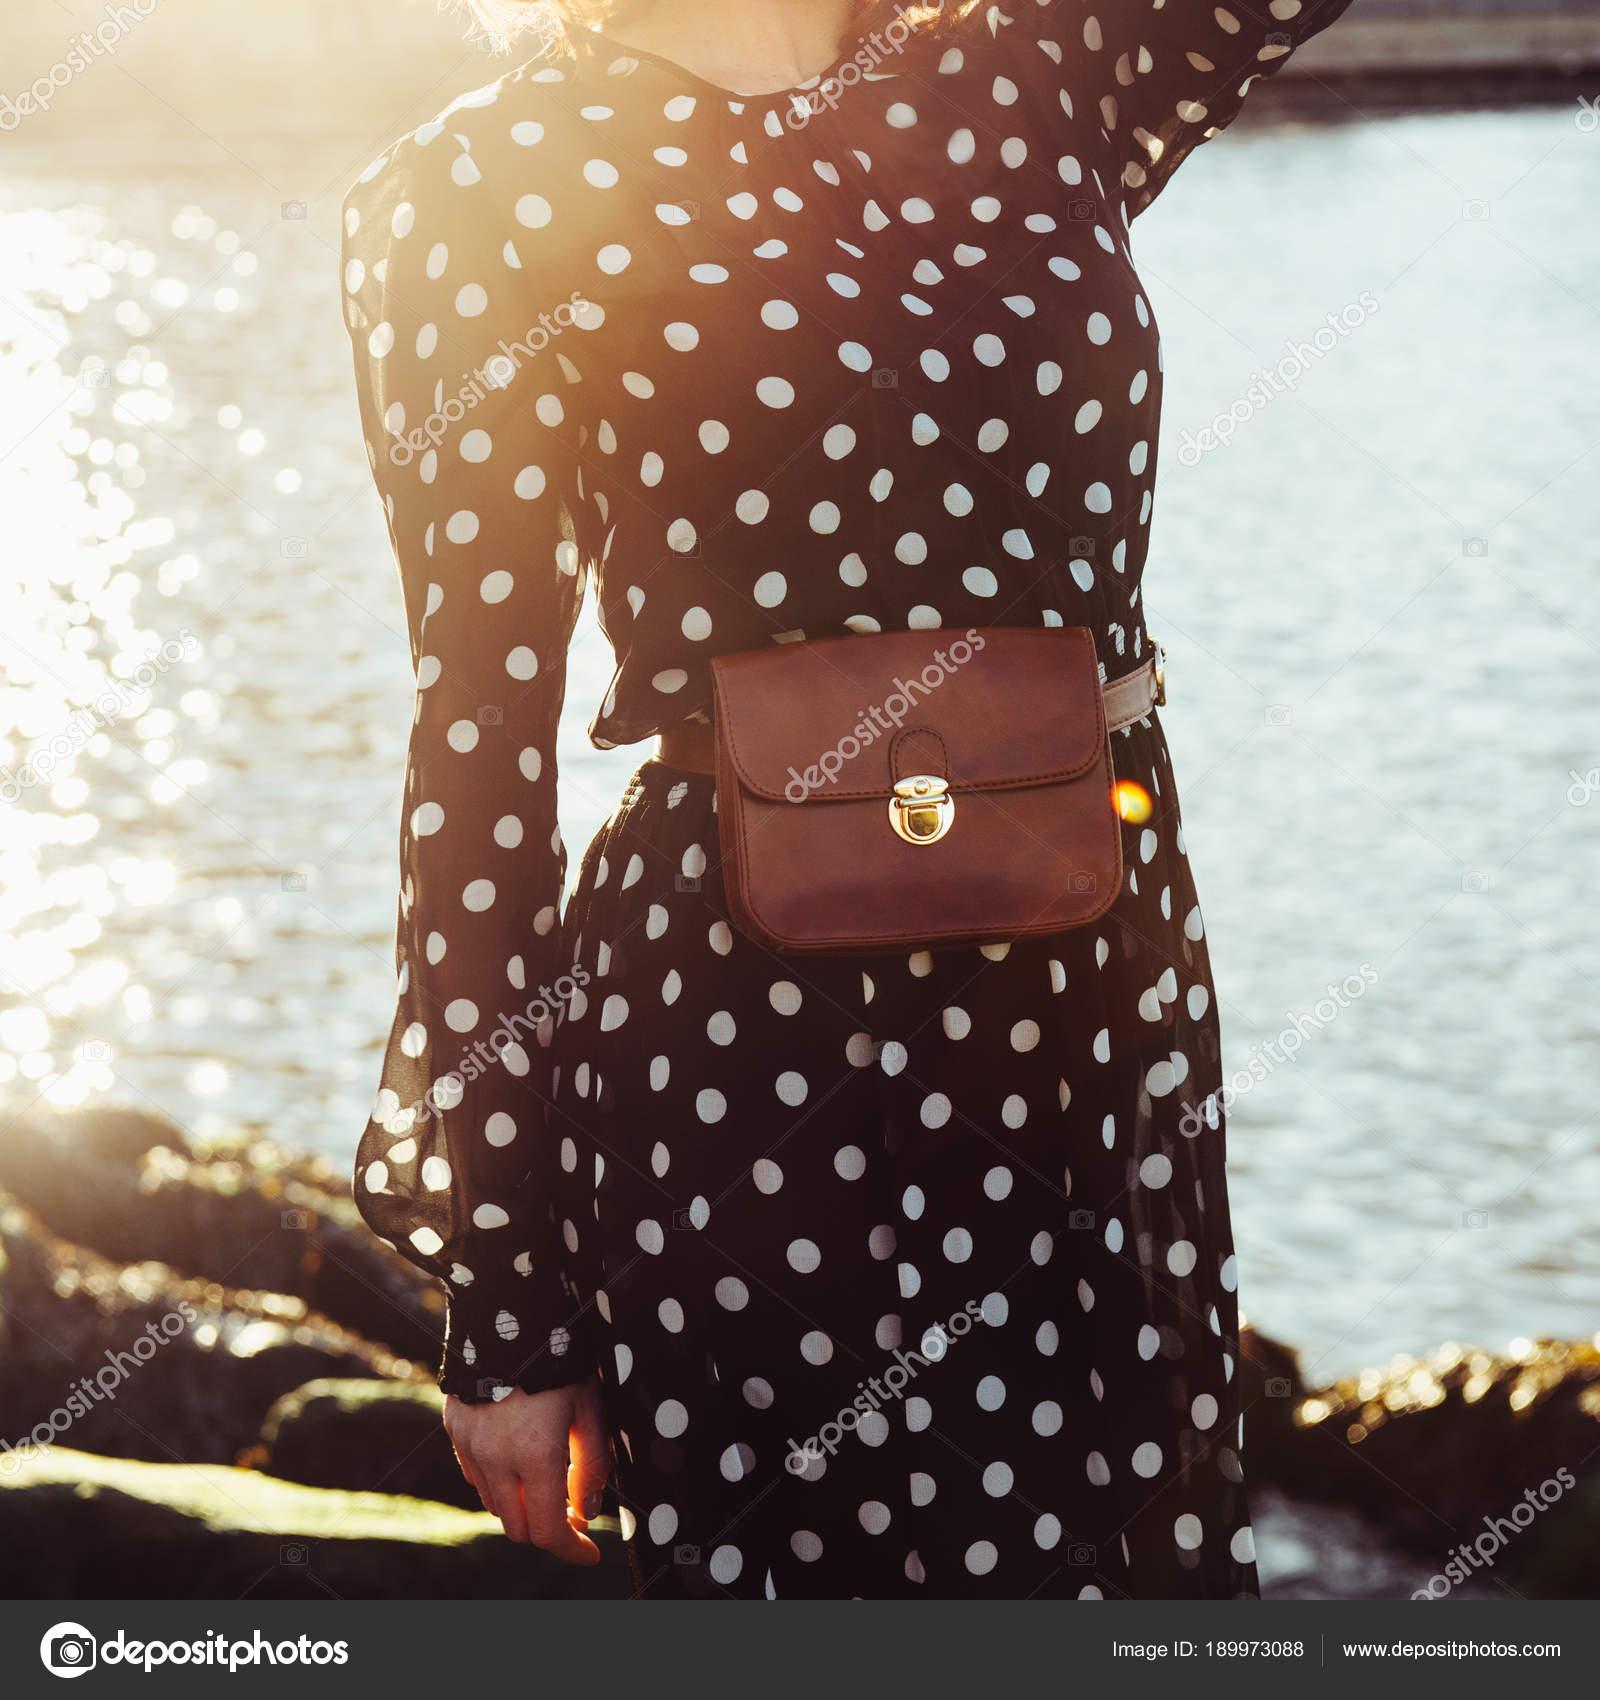 b26132b8f Primavera Verão casual feminina roupa com vestido preto longo em bolinhas  com o saco de couro testa bolsa cinto. Conceito de tendências de moda —  Fotografia ...